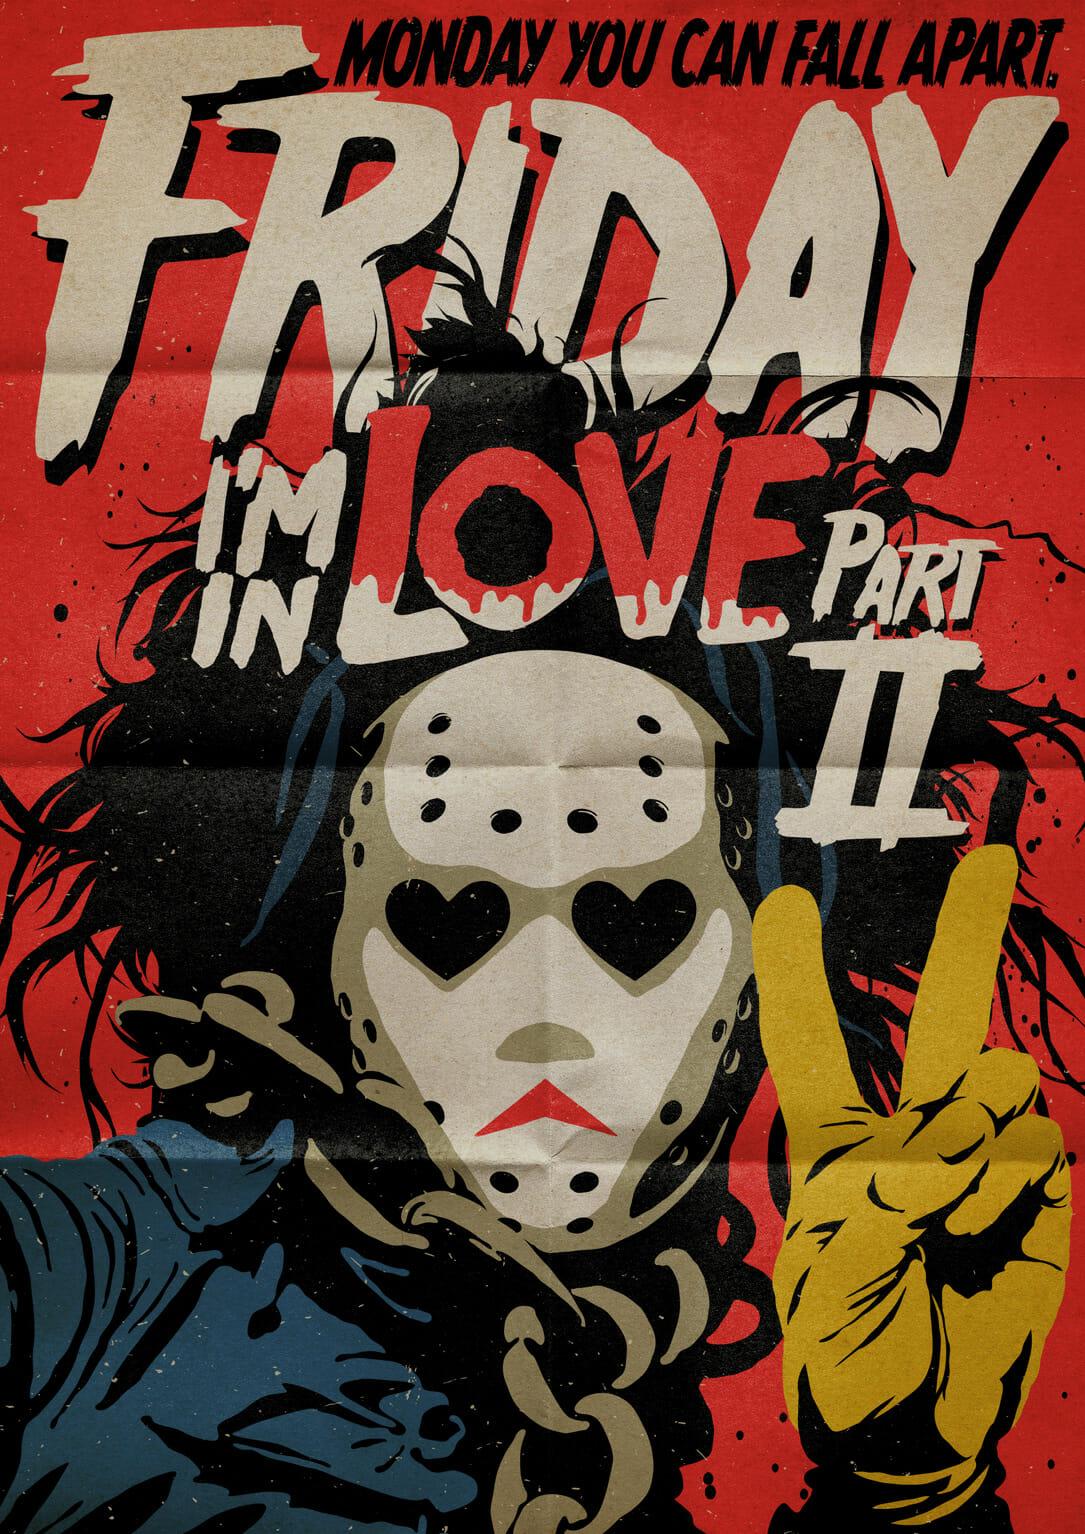 """Butcher Billy Dessin d'un homme qui porte un masque de tueur en série et qui fait un V avec ses doigts comme pour poser. En haut, une inscription en blanc et rouge : """"Friday, I'm in love part II"""""""